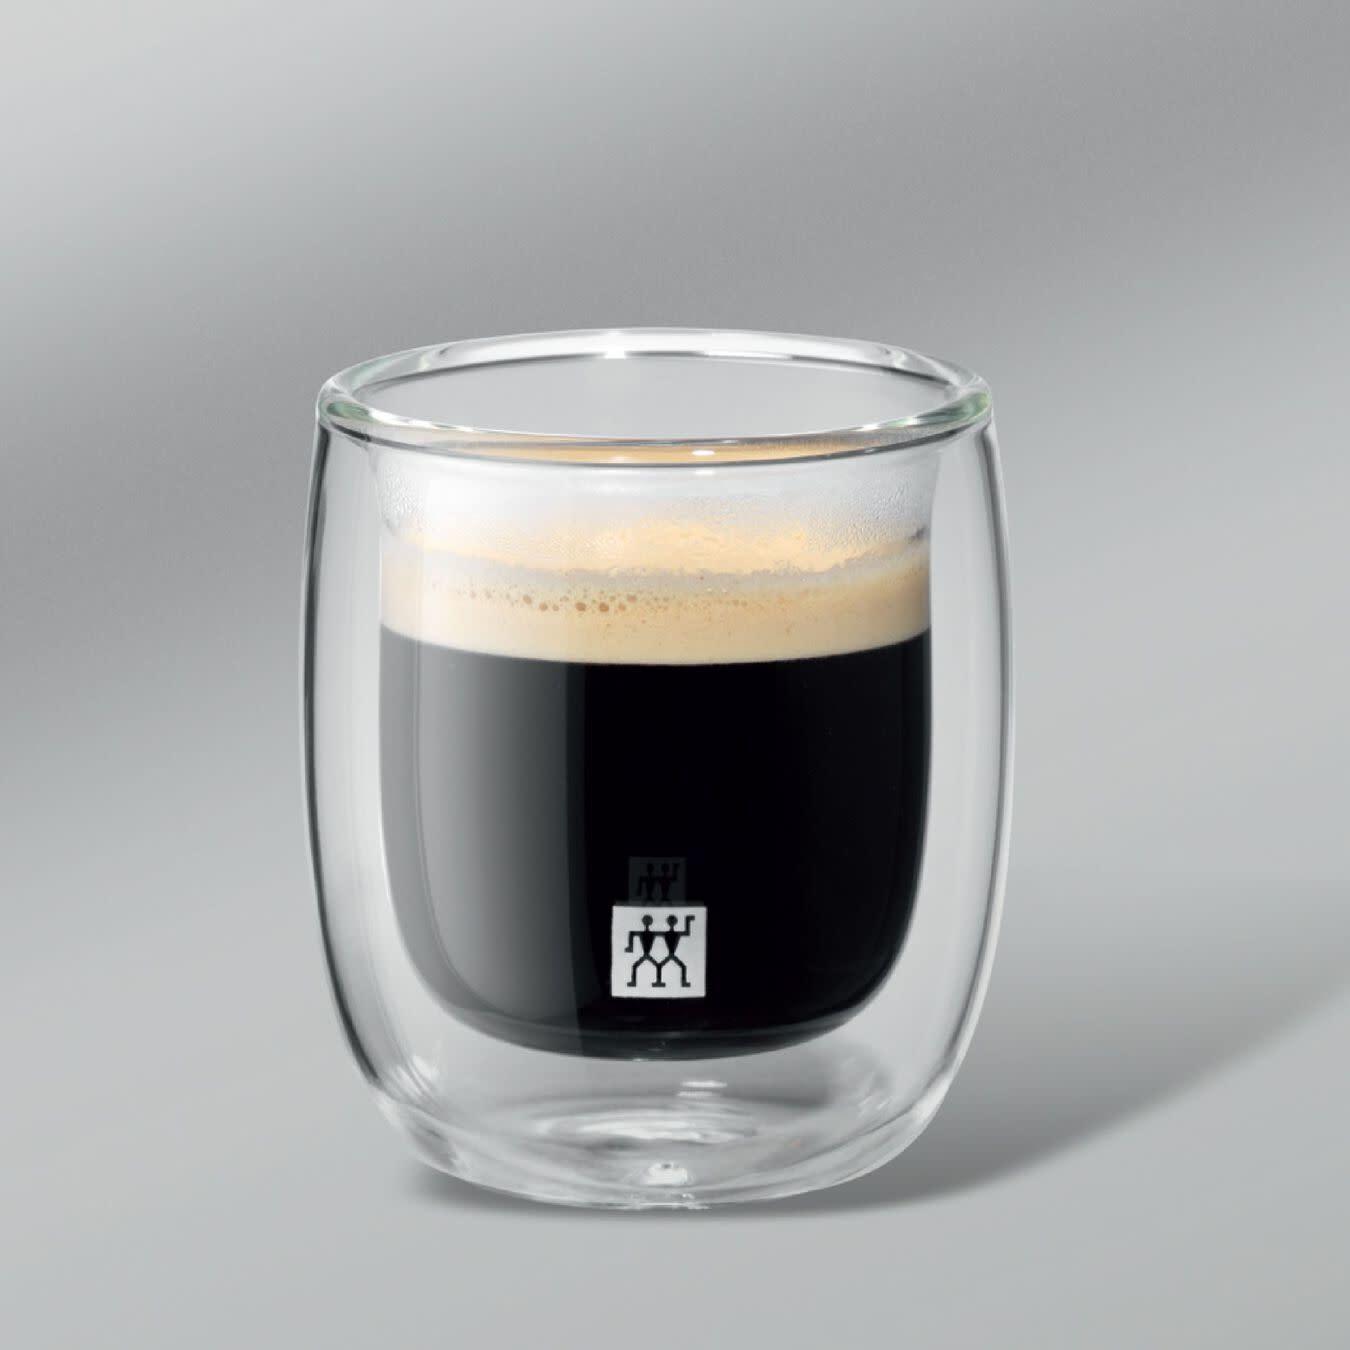 Zwilling Sorrento 2 Piece Double-wall Espresso Glass Set